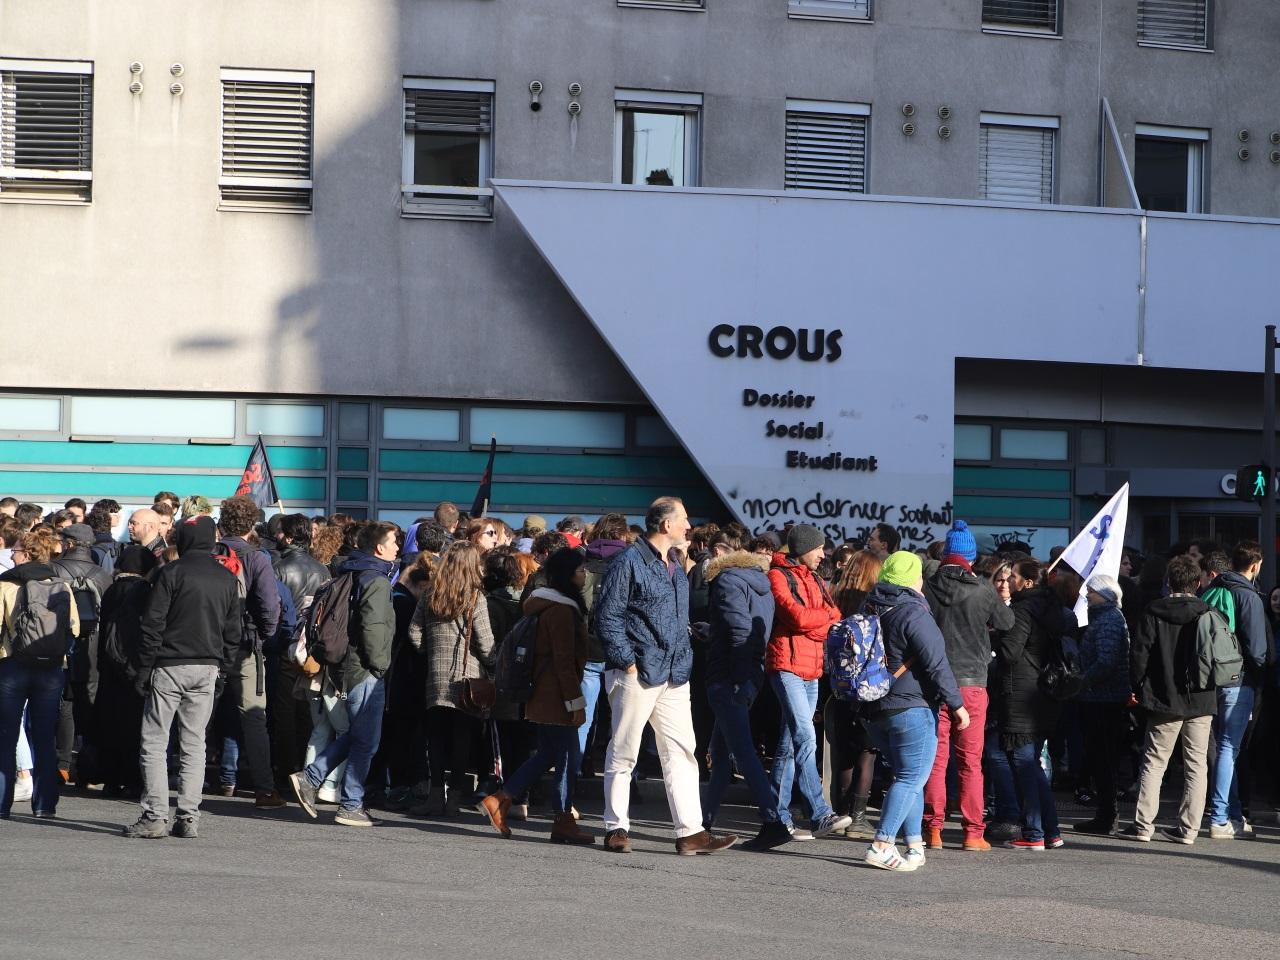 Kiosque : LyonMag, l'actualité lyonnaise (hebdomadaire) Manif-crous